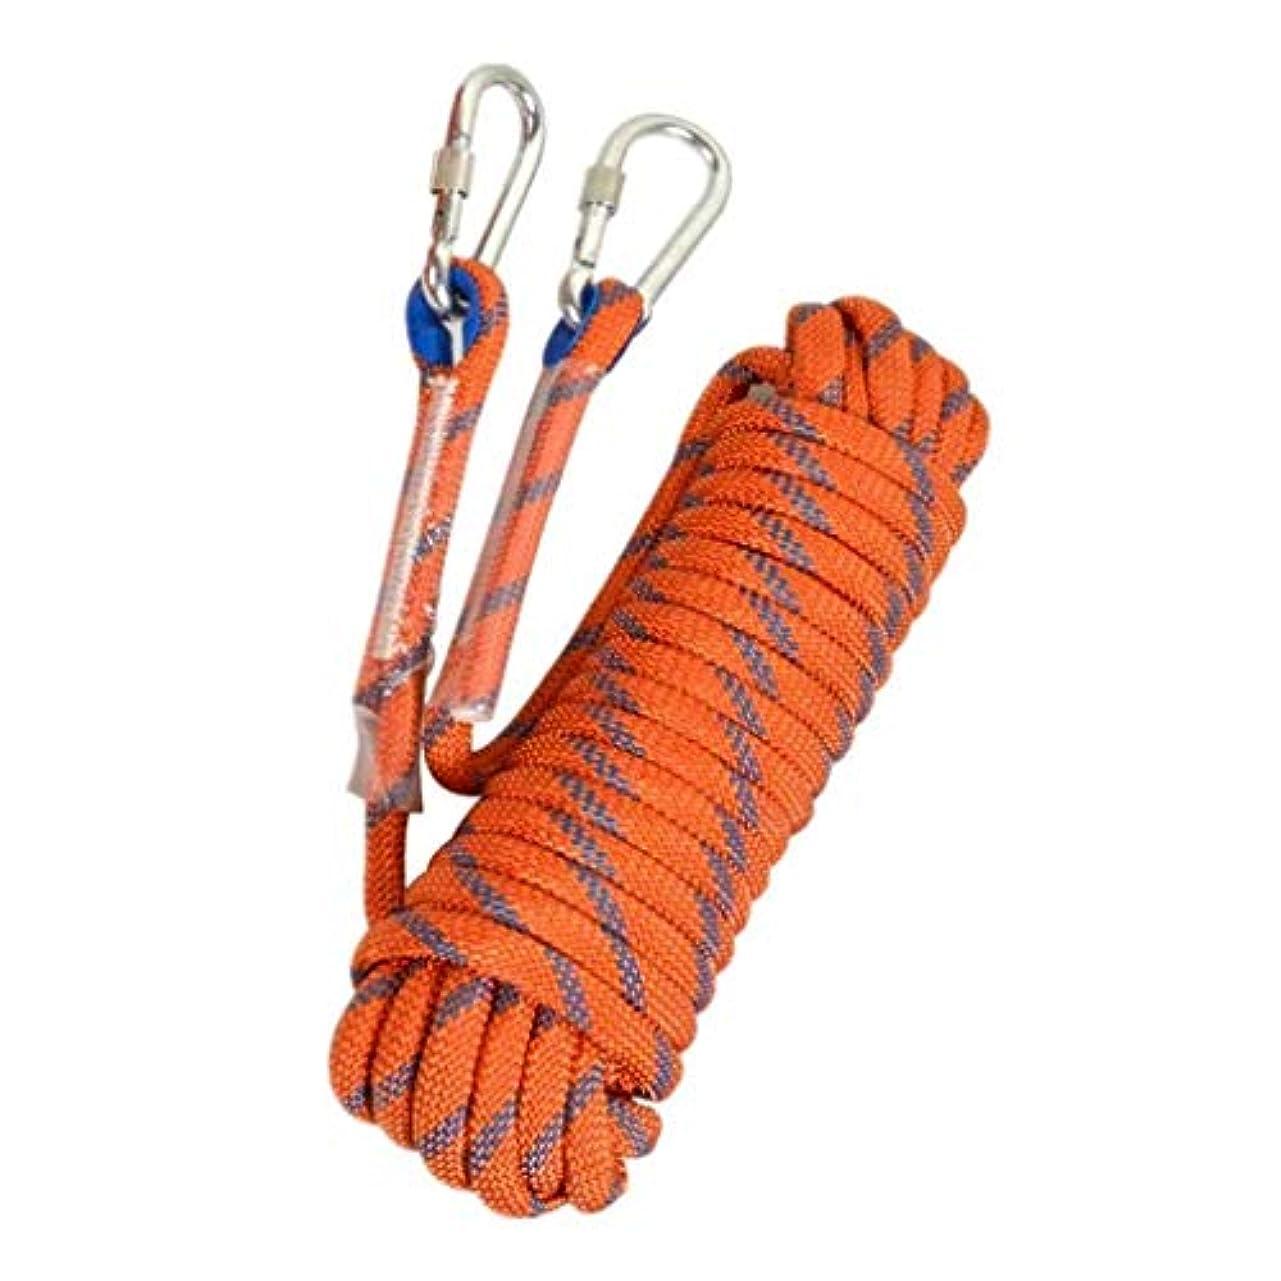 新鮮なクルー信頼ロッククライミングロープメーター、屋外火災エスケープ救助パラシュート静的屋内ロープ、ヘビーデューティロープ、安全耐久性のある高品質